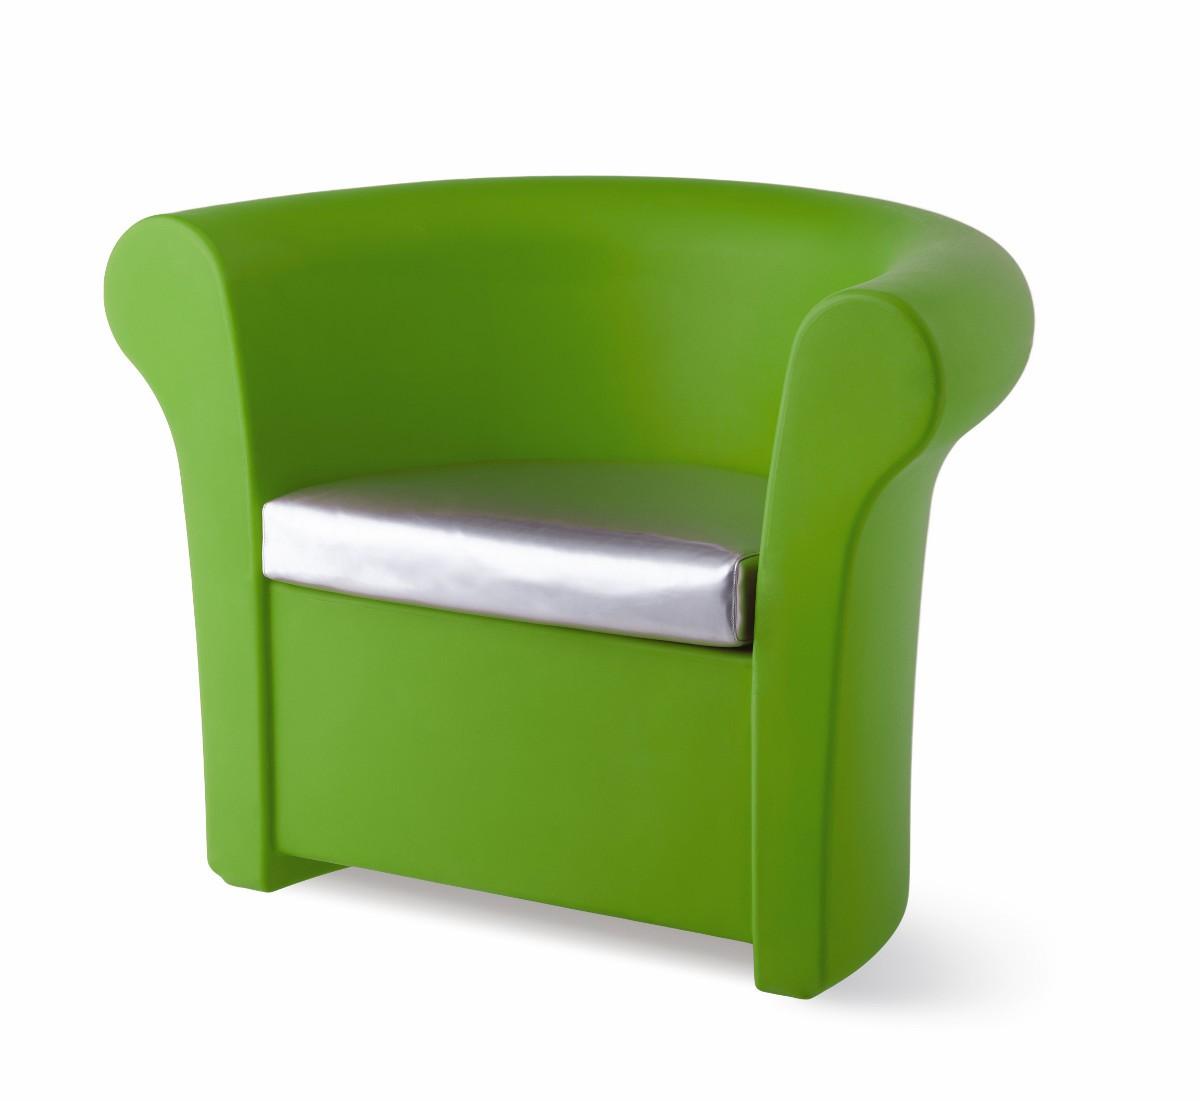 Fauteuil KALLA de Slide Vert Lime